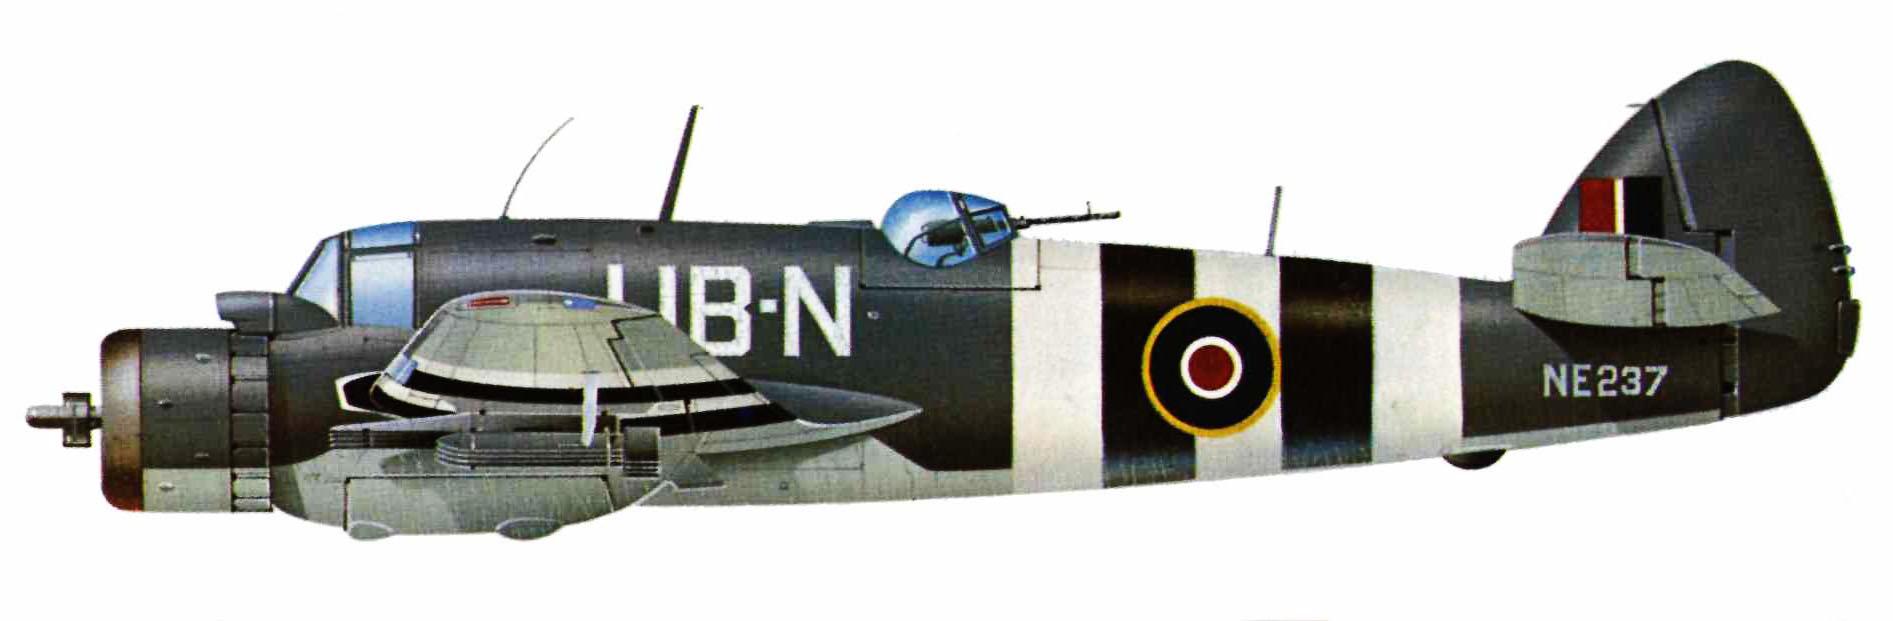 Beaufighter VIF RAAF 455Sqn UBN NE237 RAF Langham Norfolk June 1944 Profile 0A